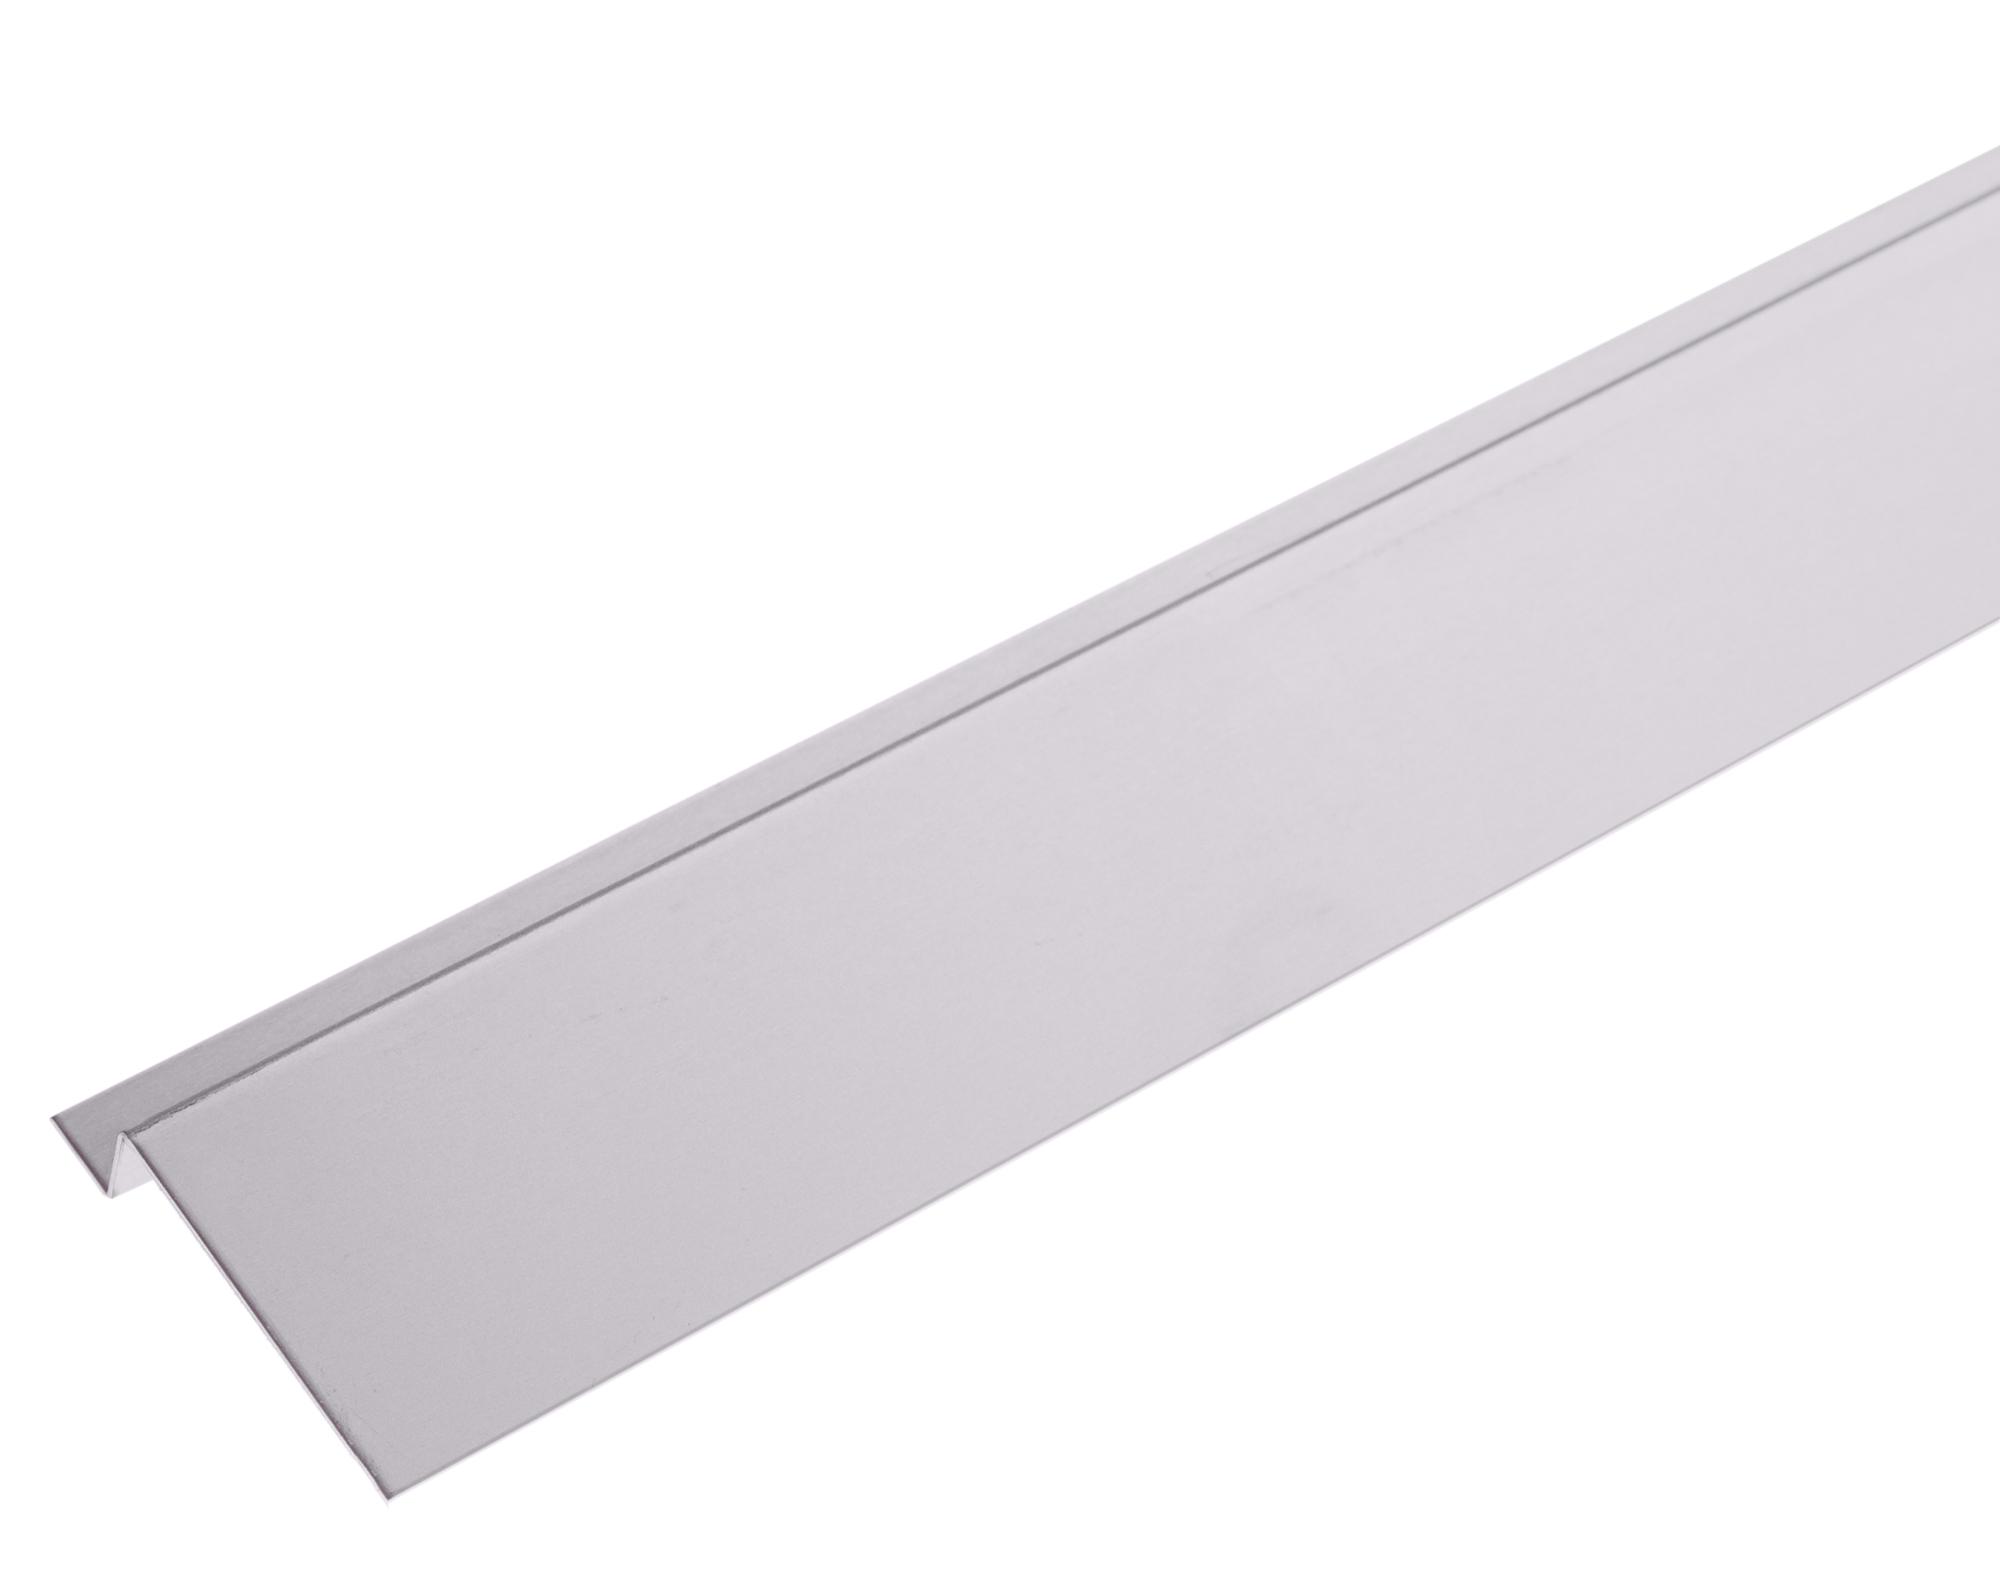 fassadenprofile gummifugenb nder z profile alu 0 8 mm. Black Bedroom Furniture Sets. Home Design Ideas